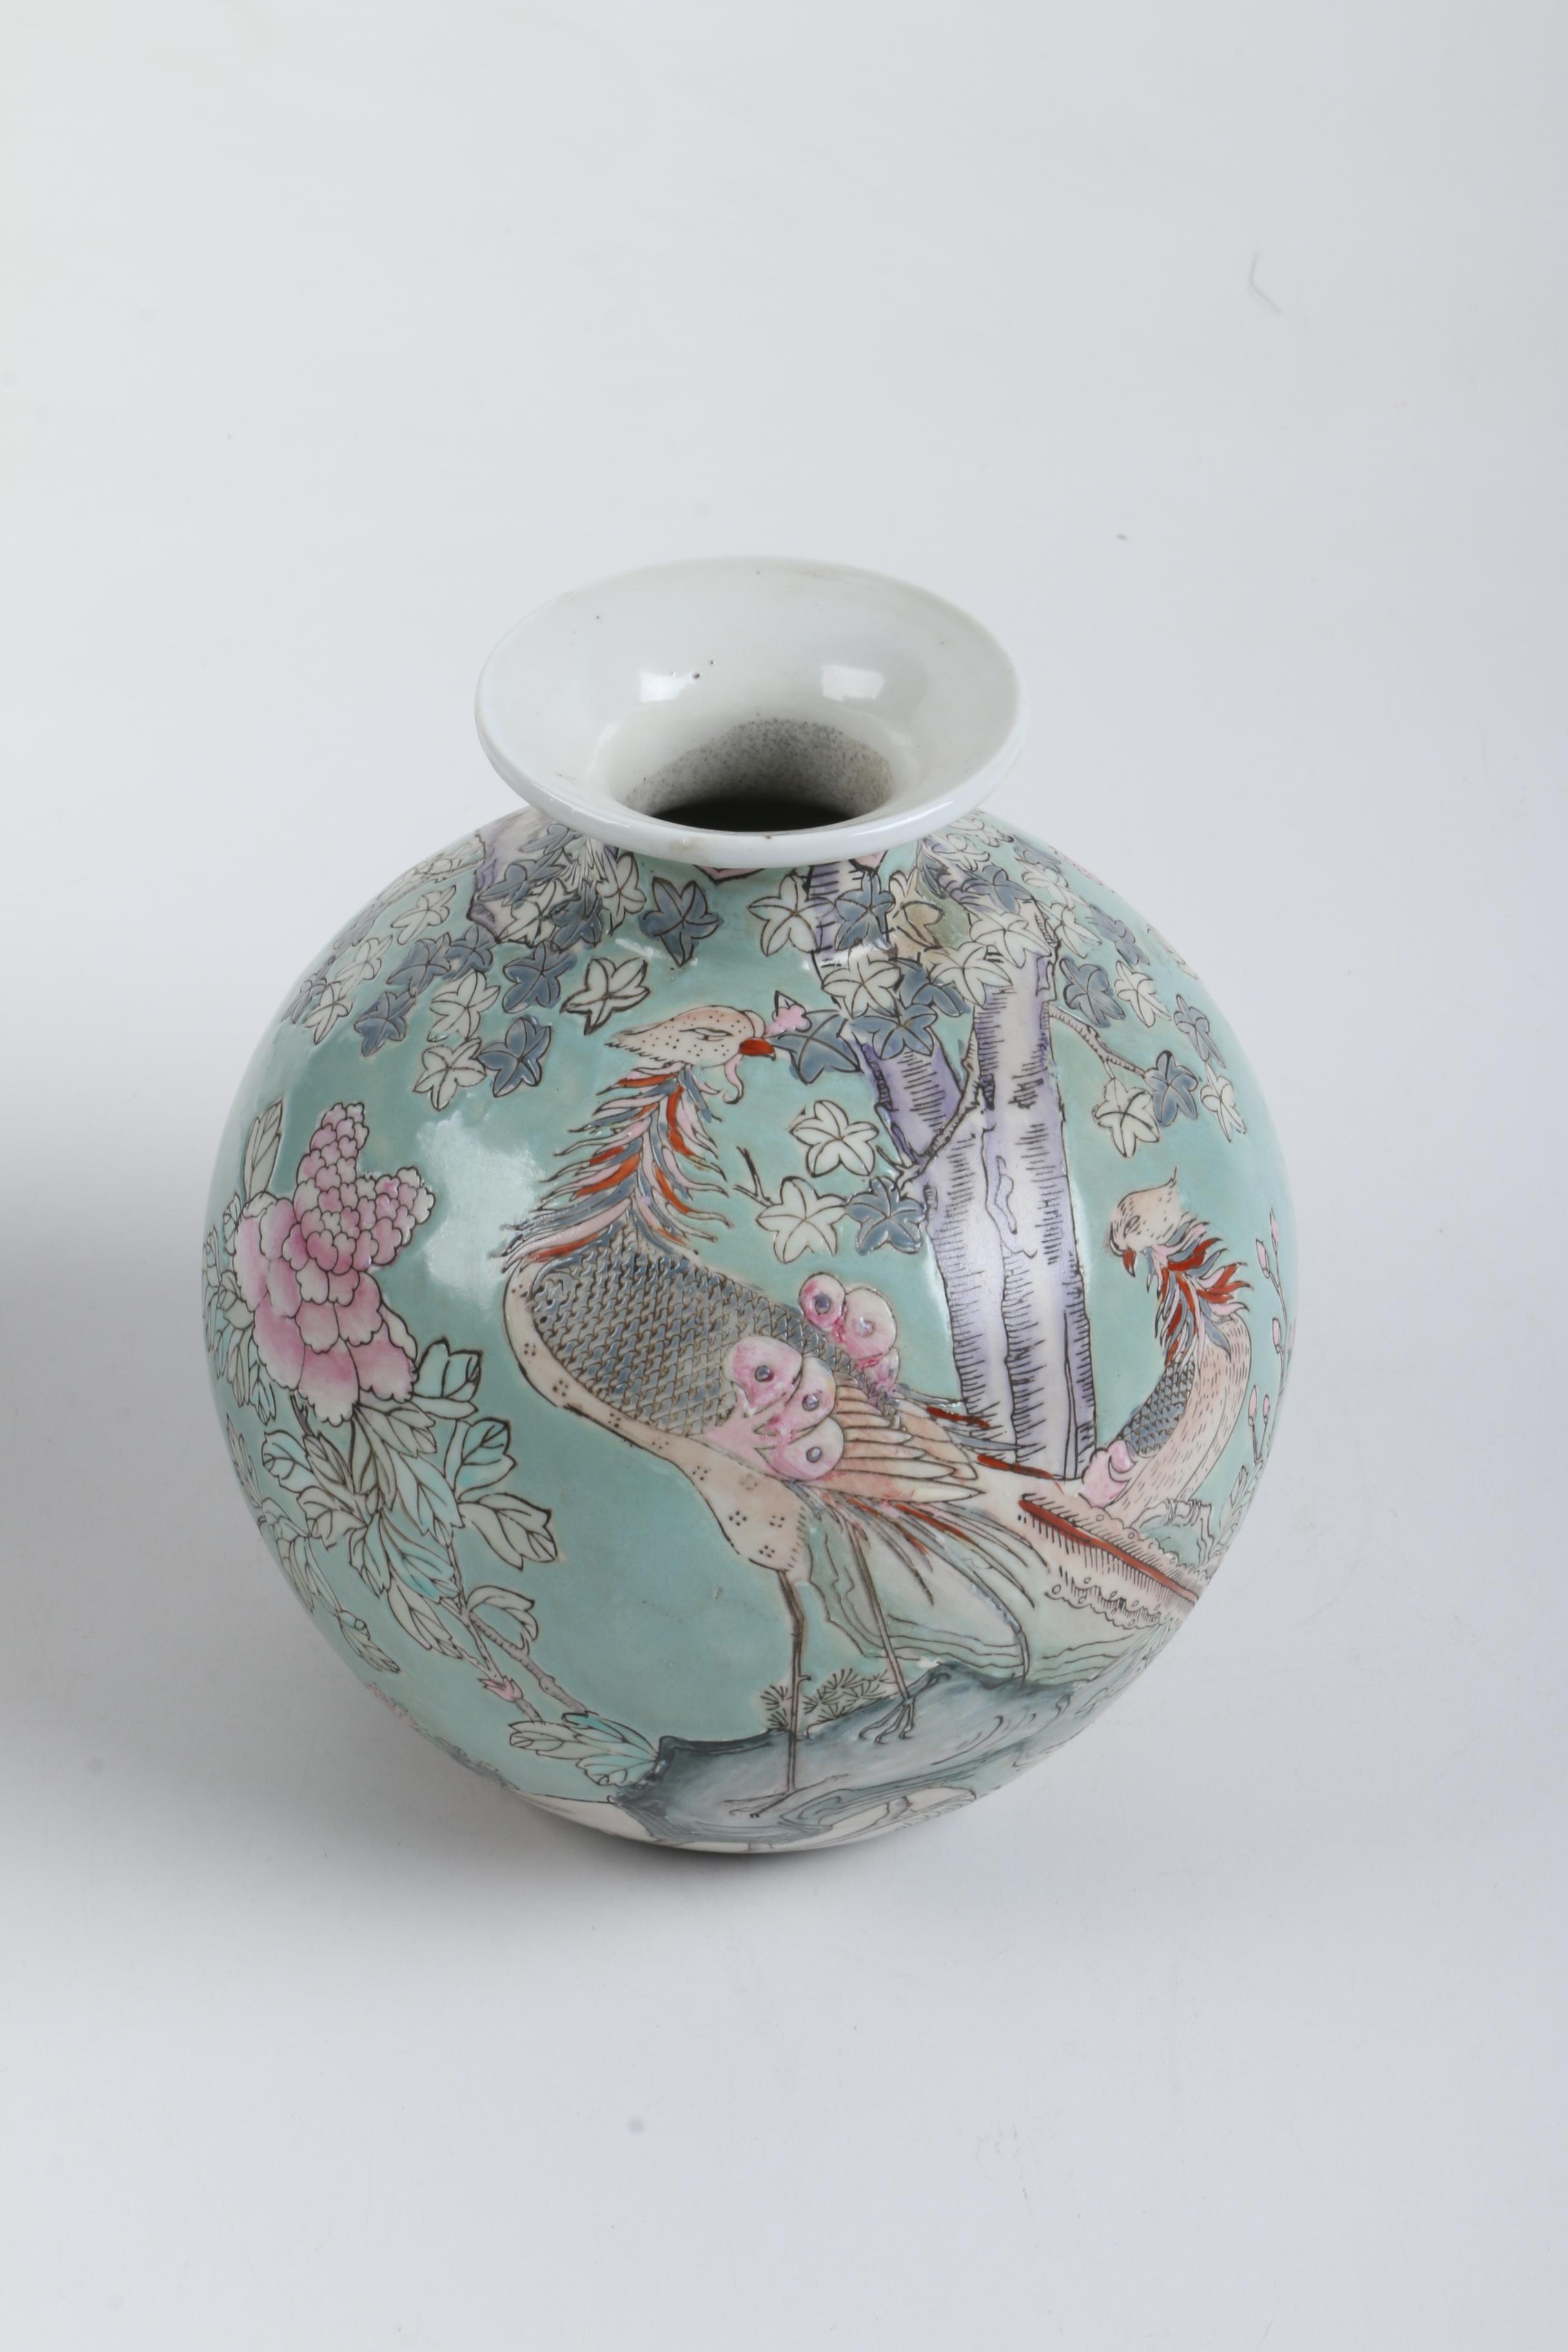 Asian-Inspired Porcelain Vase in Teal